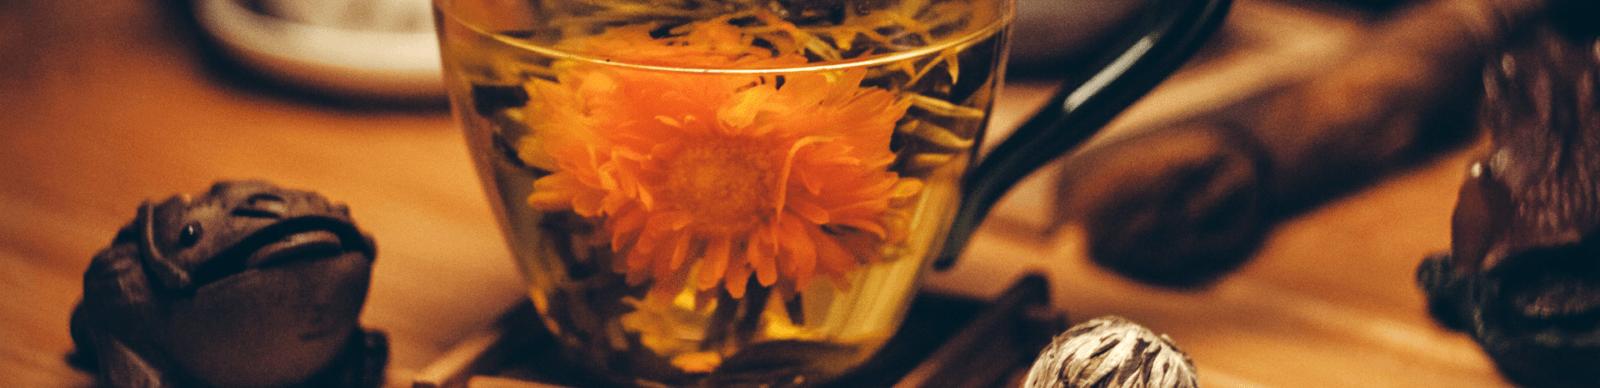 Купить связанный чай оптом и в розницу - магазин чая ПУТЬ ЧАЯ .рф